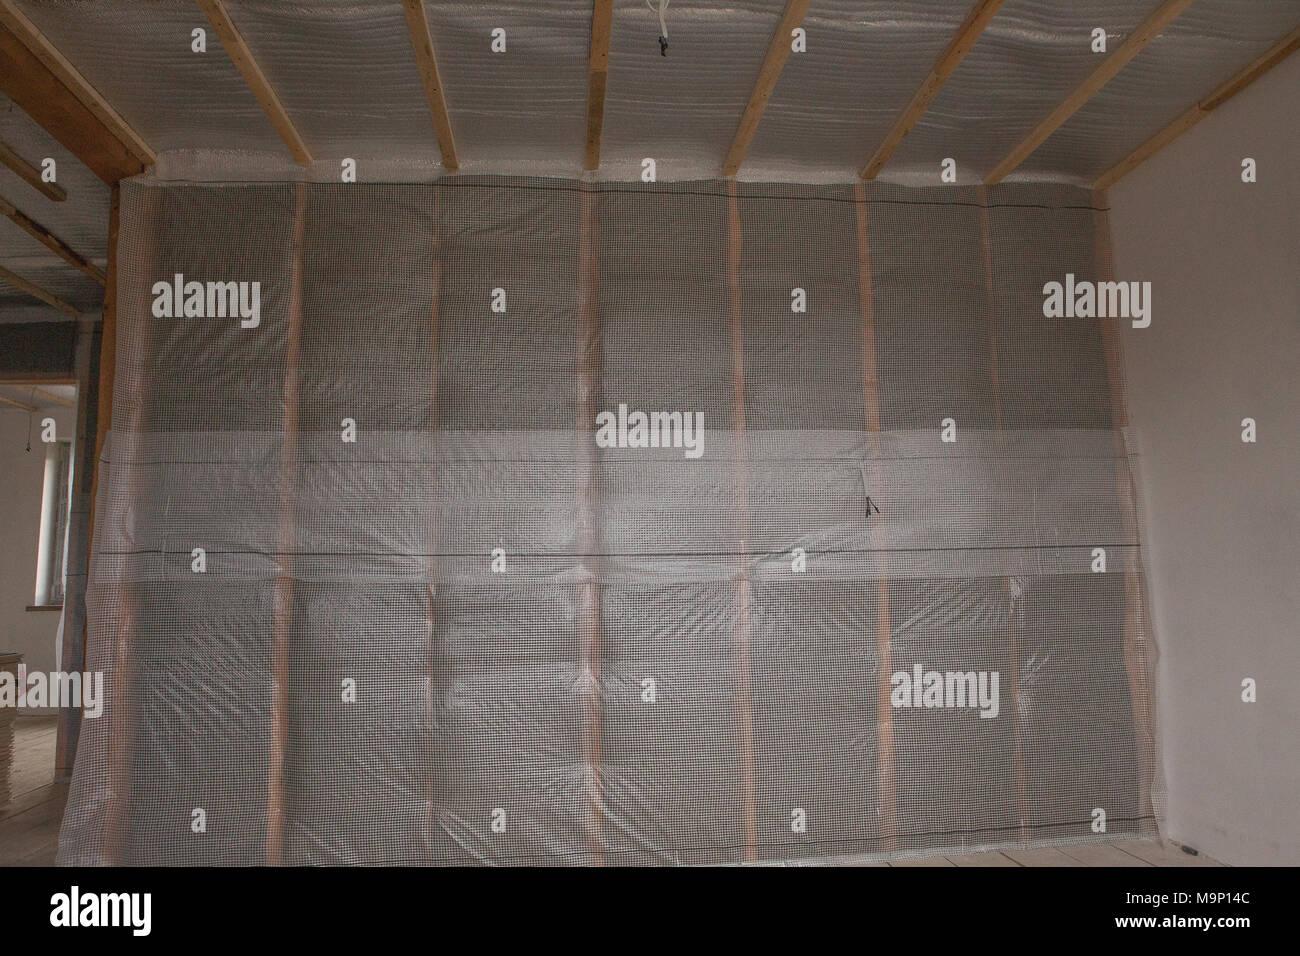 Hidro aislamiento térmico y el aislamiento de la pared de la casa residencial de nueva construcción. Imagen De Stock